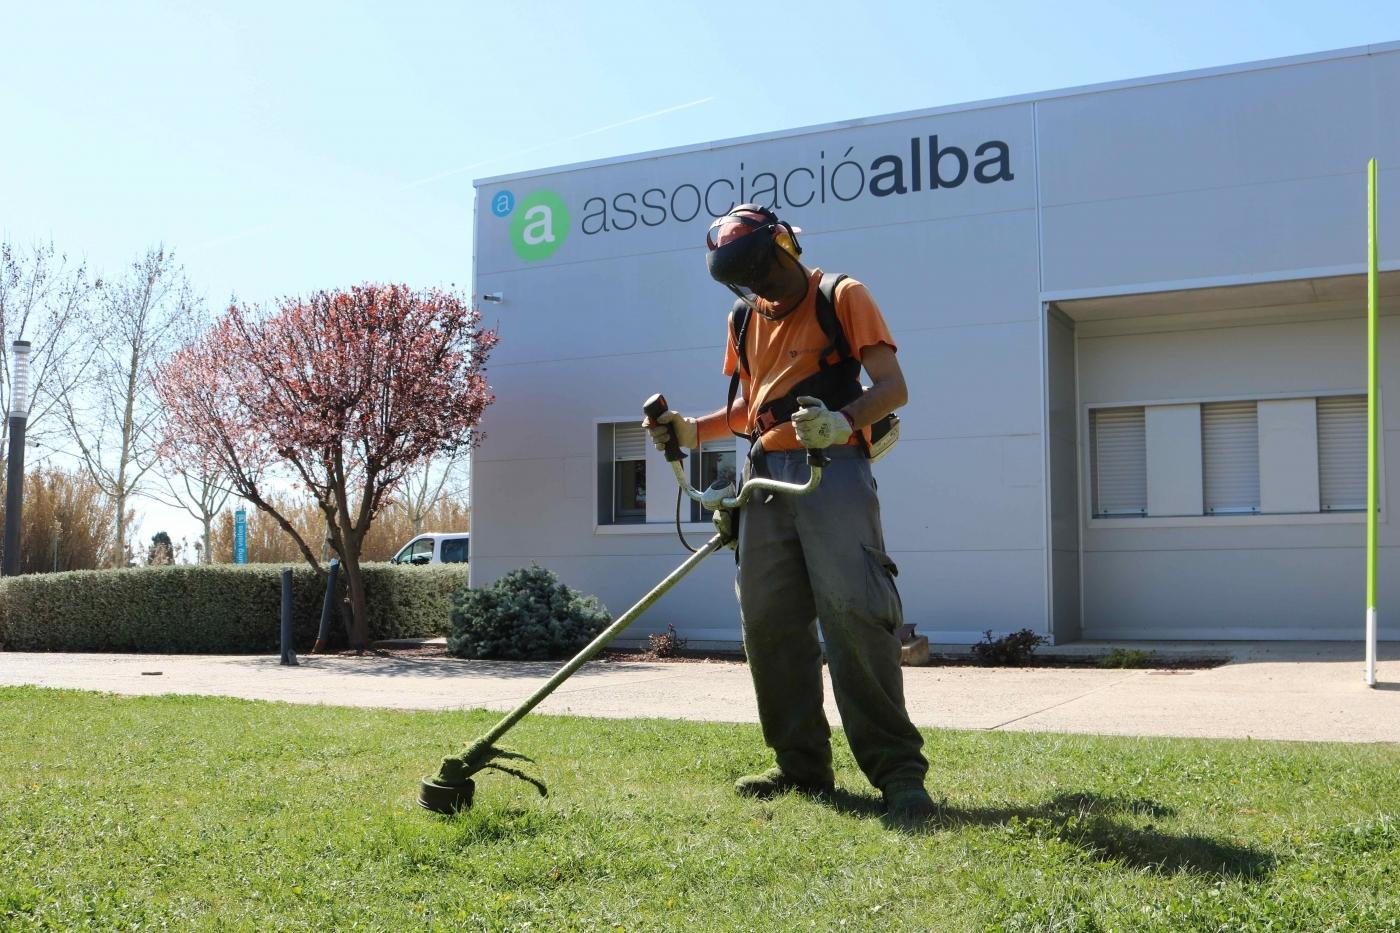 L'Ajuntament de Tàrrega adjudica els treballs de jardineria del Parc de Sant Eloi a l'Associació Alba.